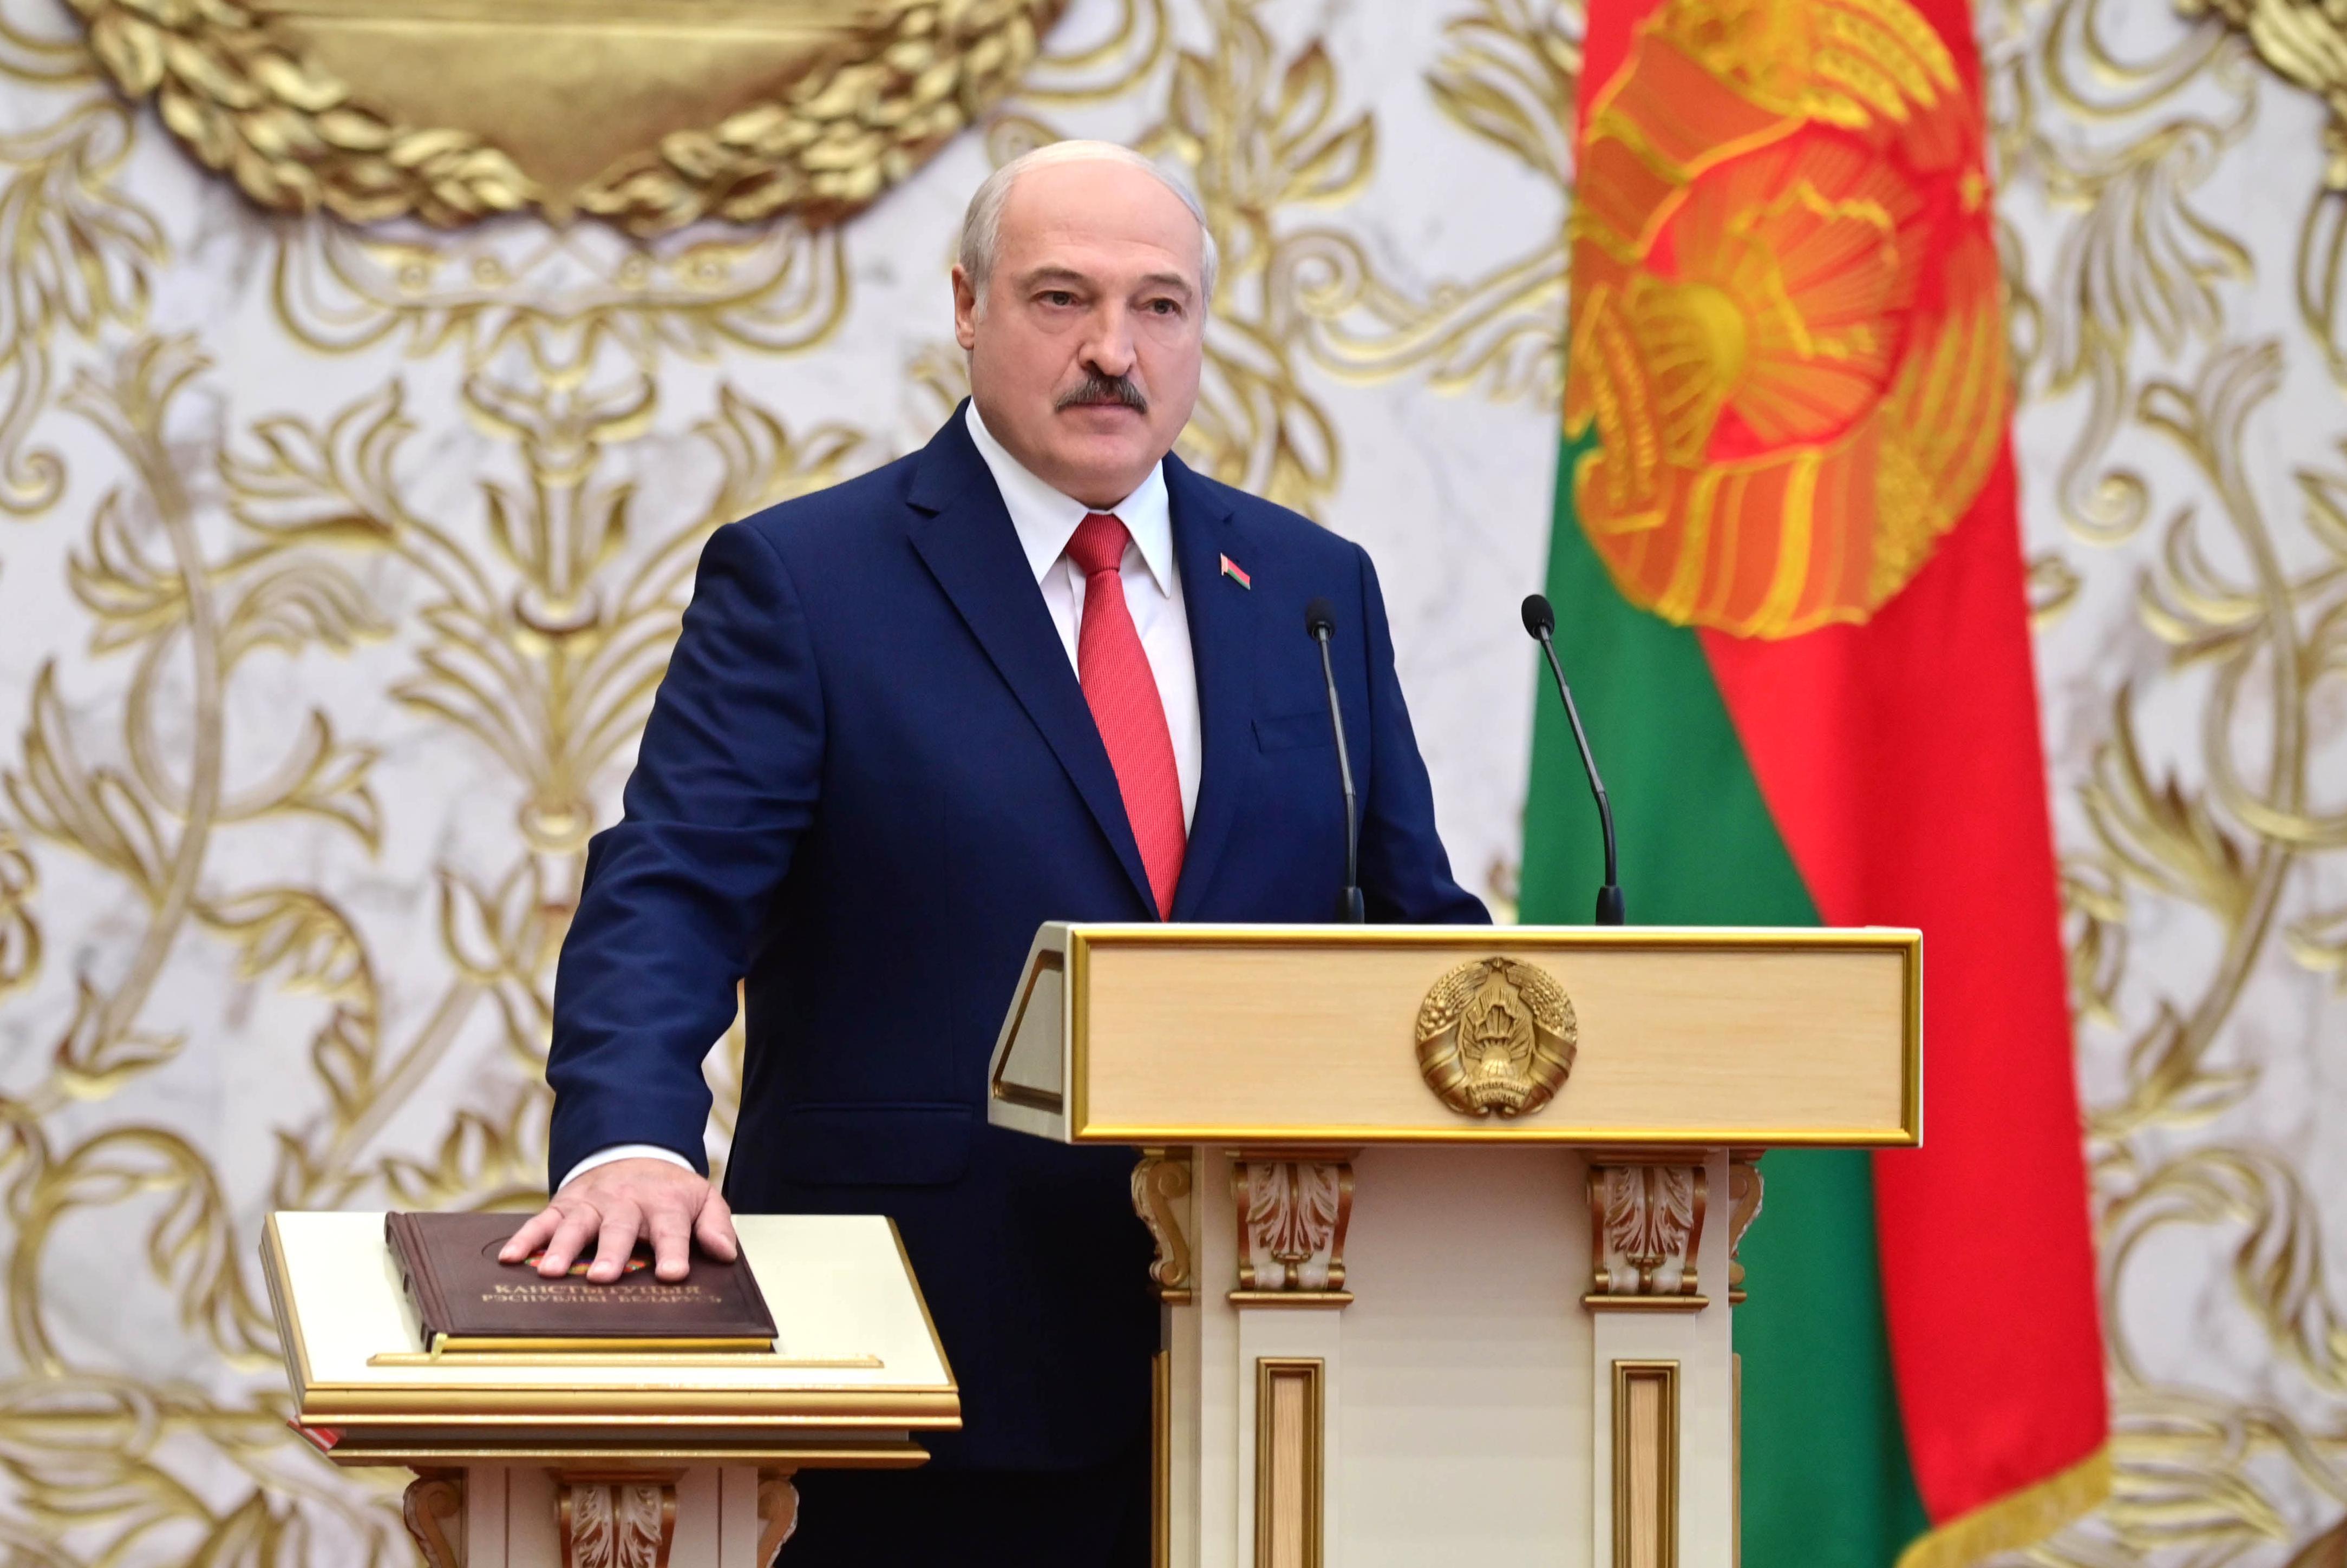 Минюст Белоруссии ответил на сомнения в законности тайной инаугурации Лукашенко